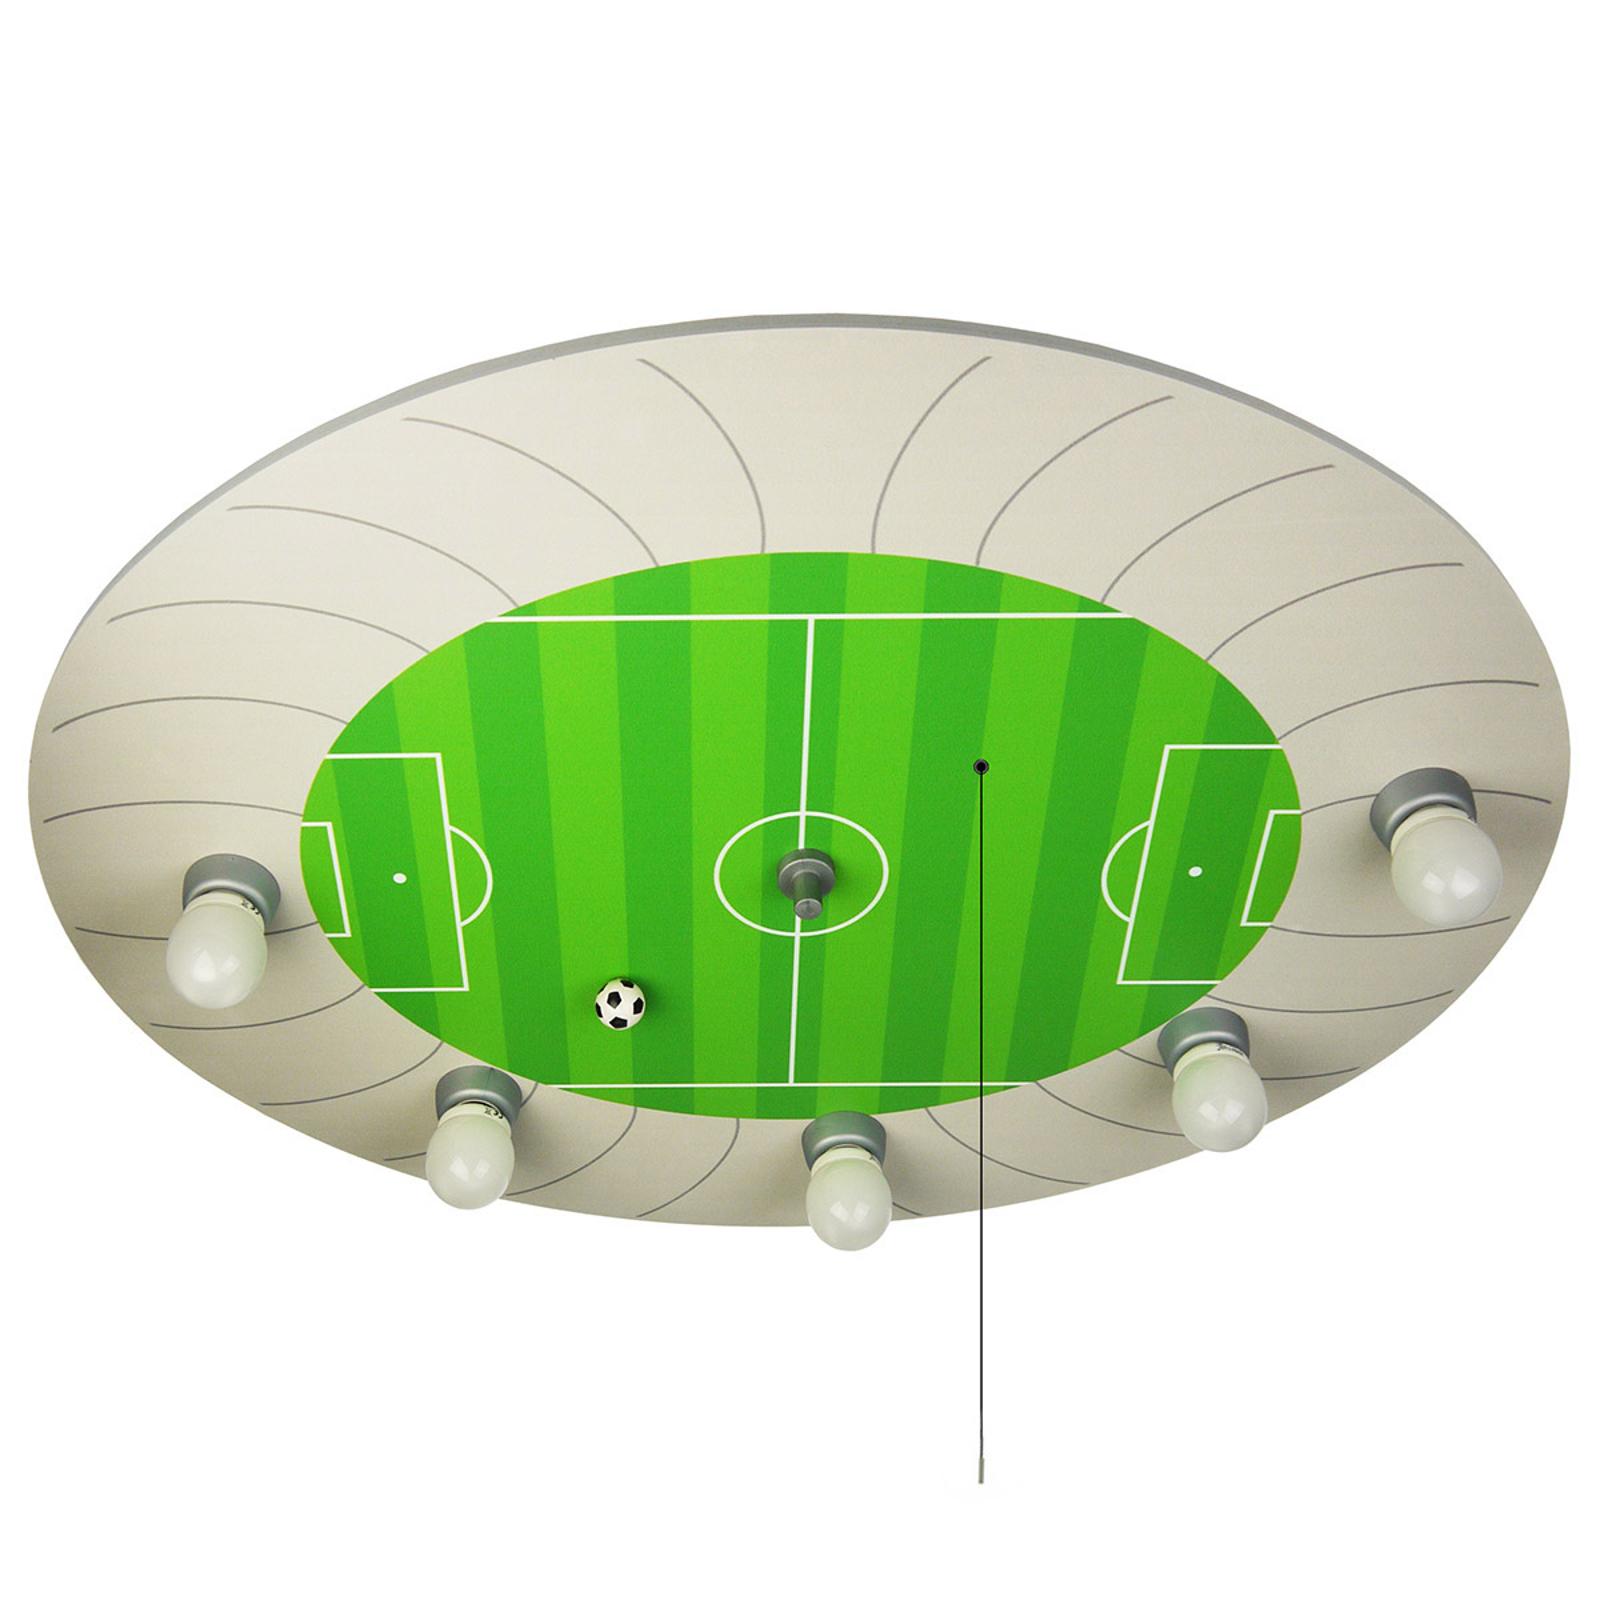 Stadion piłkarski lampa sufitowa z modułem Alexa